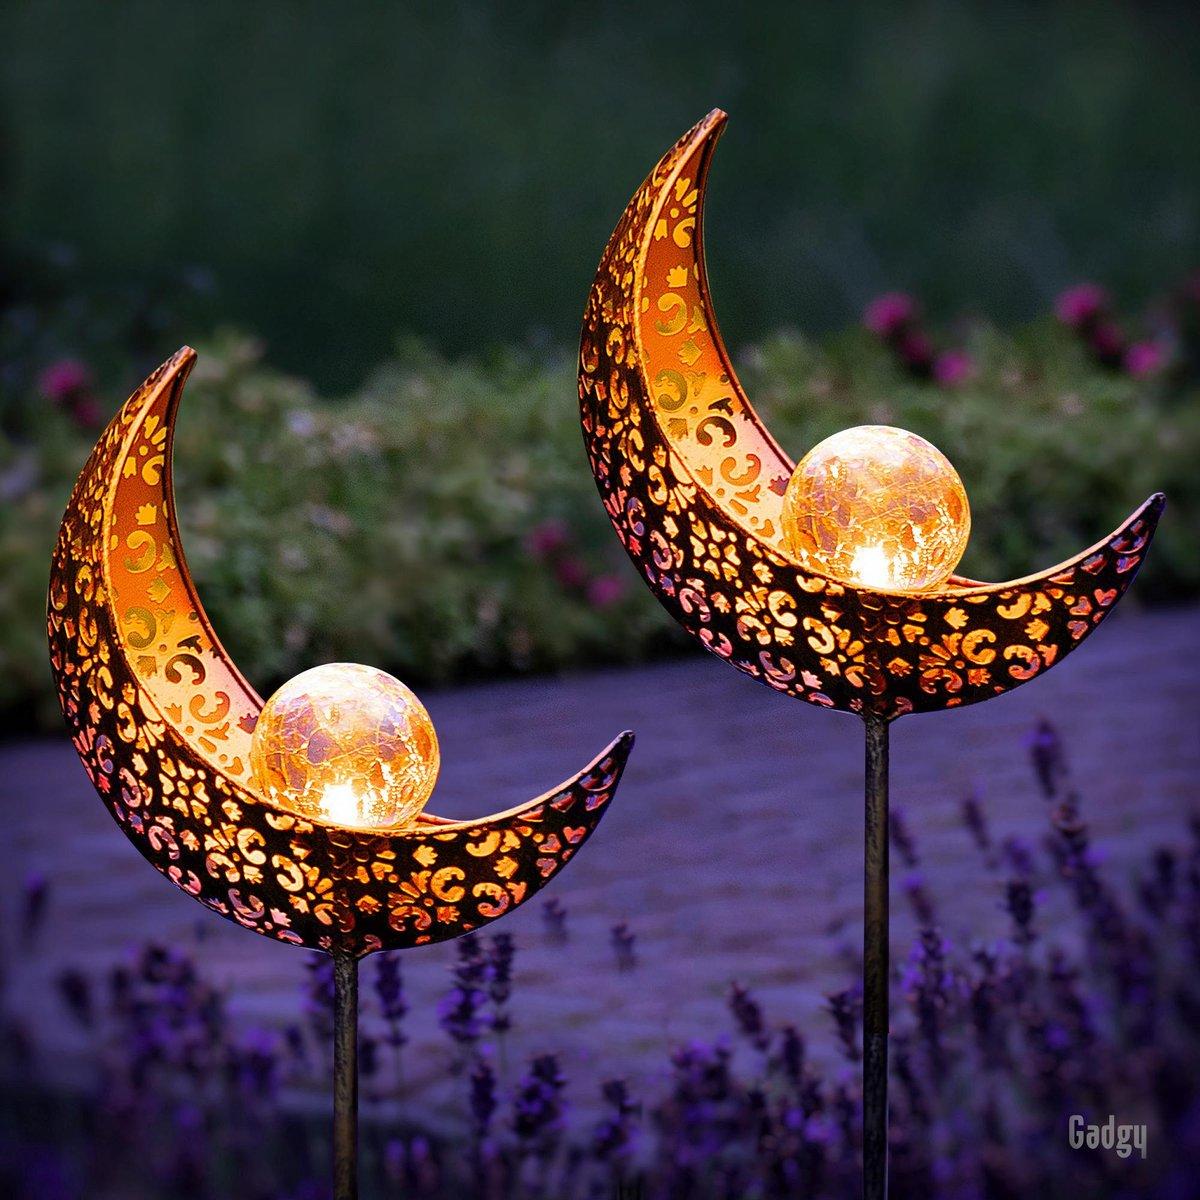 Gadgy Solar Maan Lamp met grondspies   Solar Tuinverlichting - set van 2 st.  88 cm hoog   Brons kle